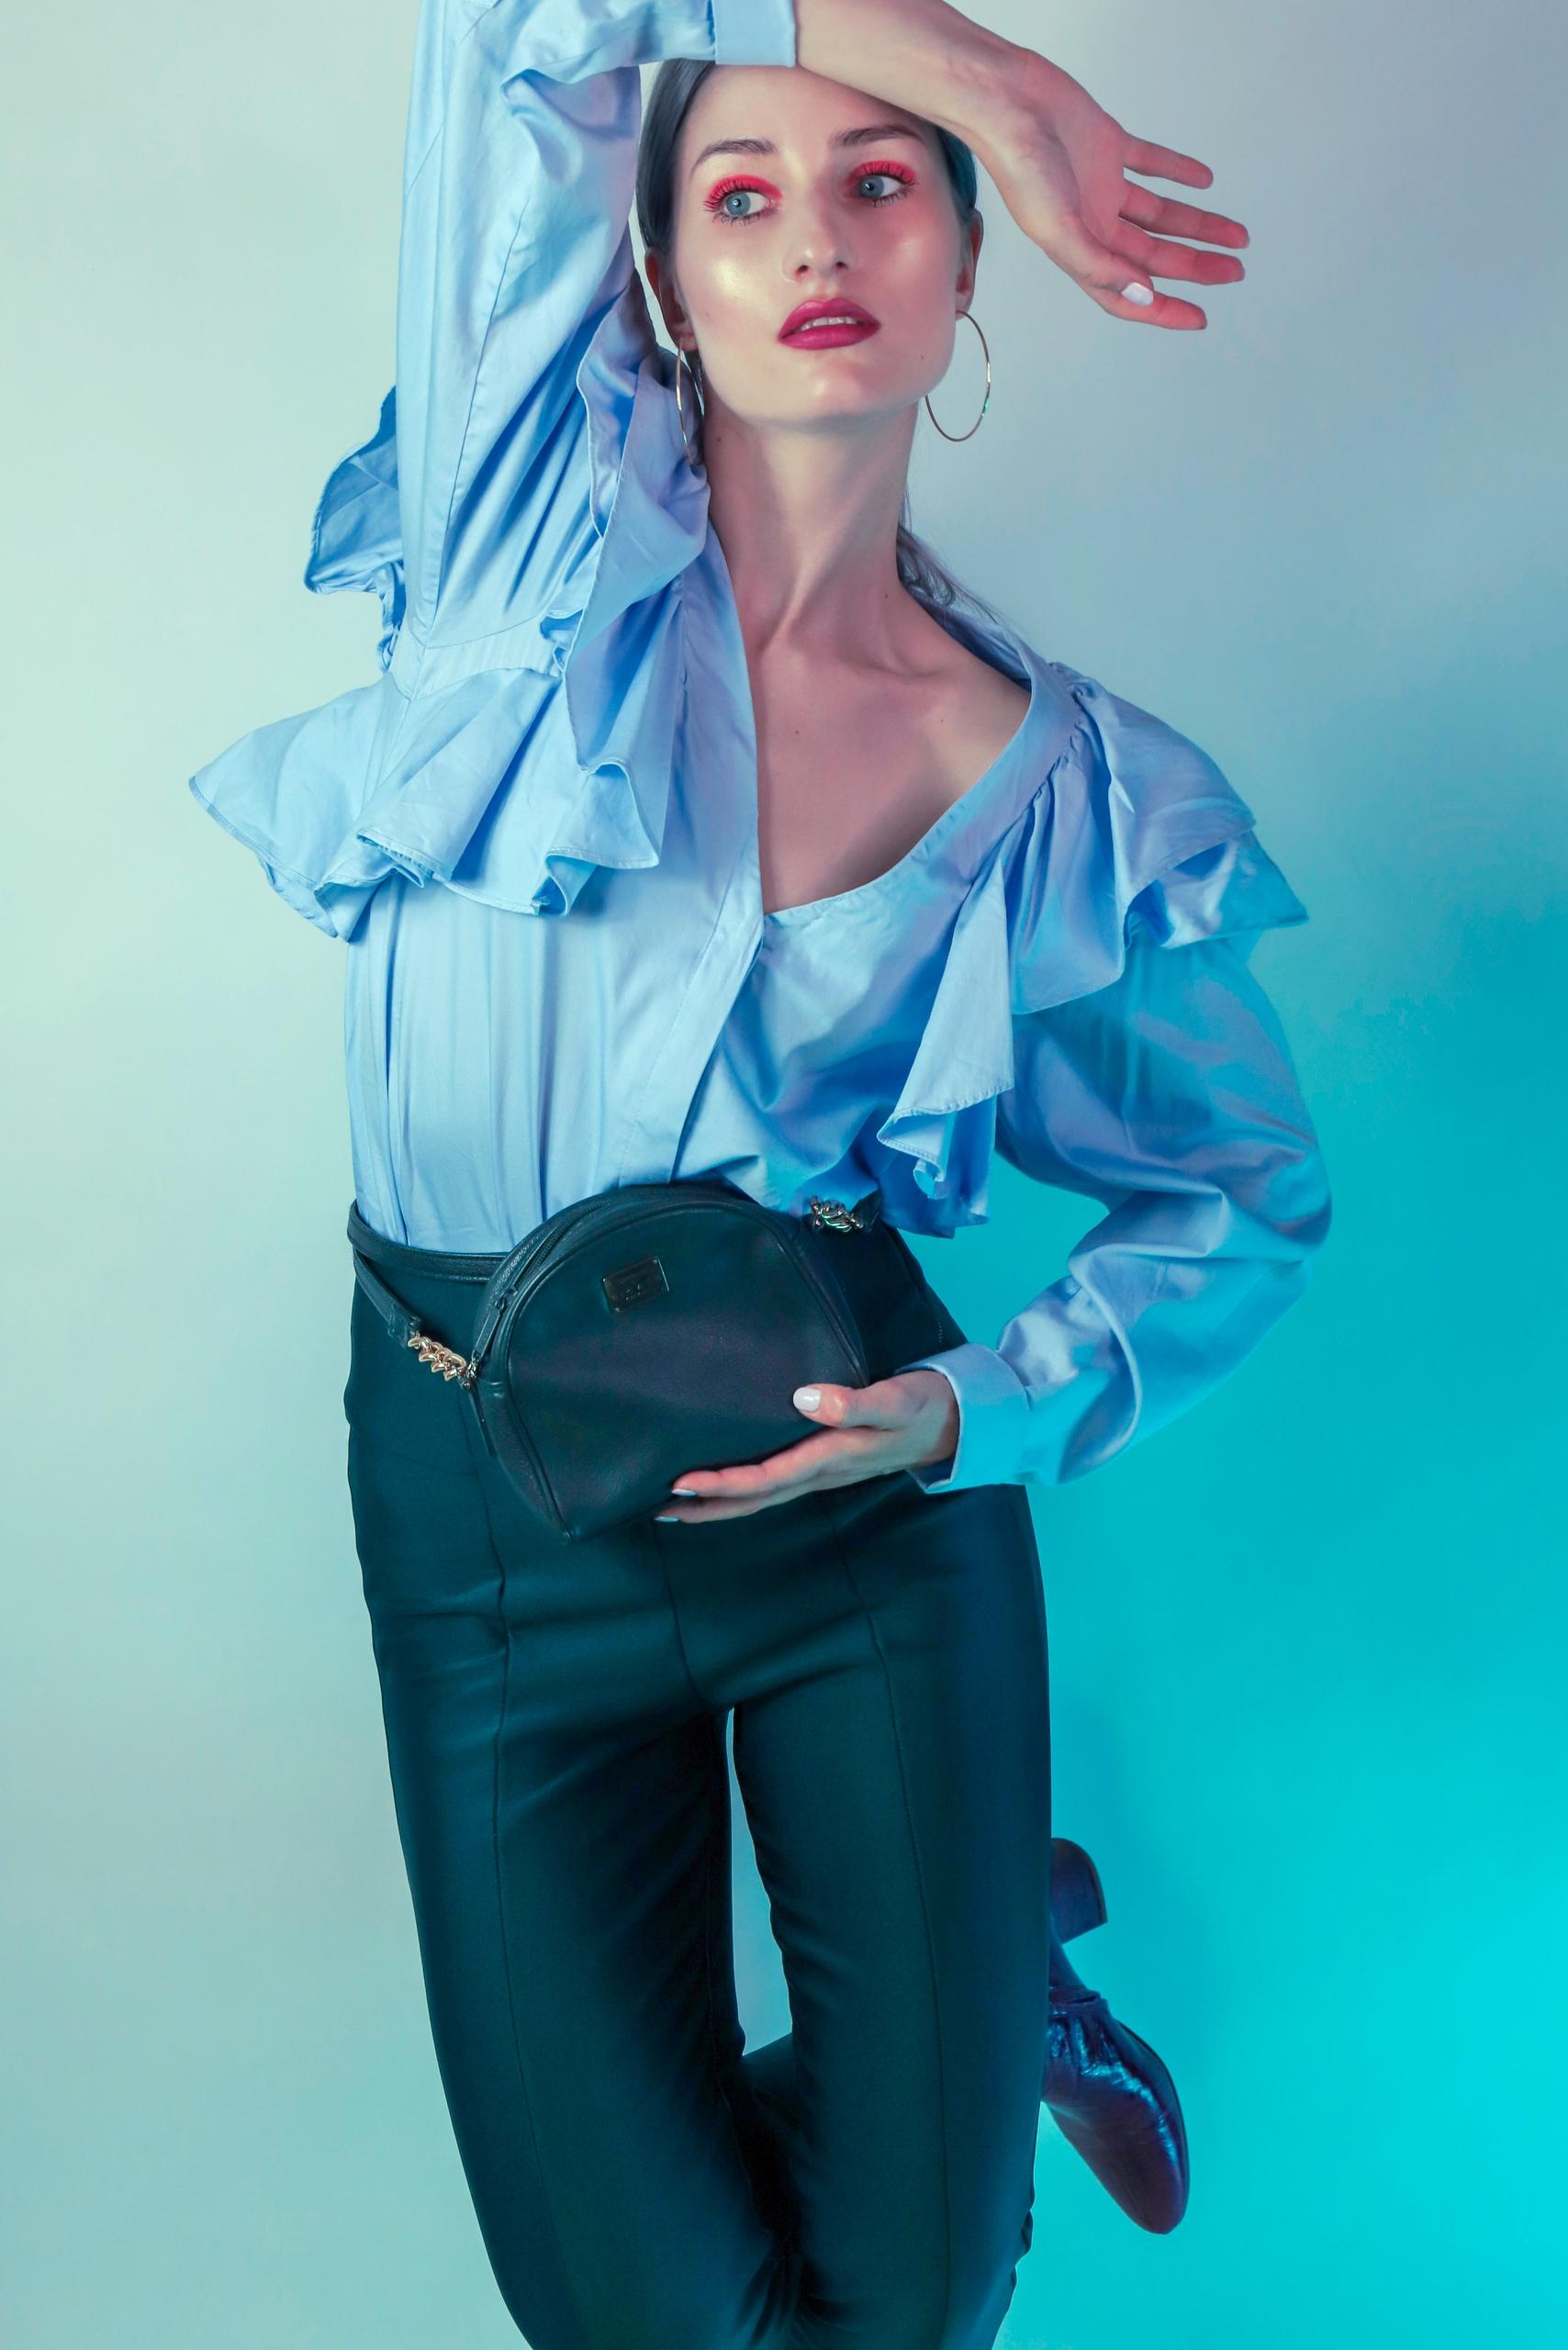 Fotografia przedstawia kobietę w nienaturalnej pozie. Kobieta patrzy w bok, w ręku trzyma torebkę i ma na sobie błękitną koszulę.